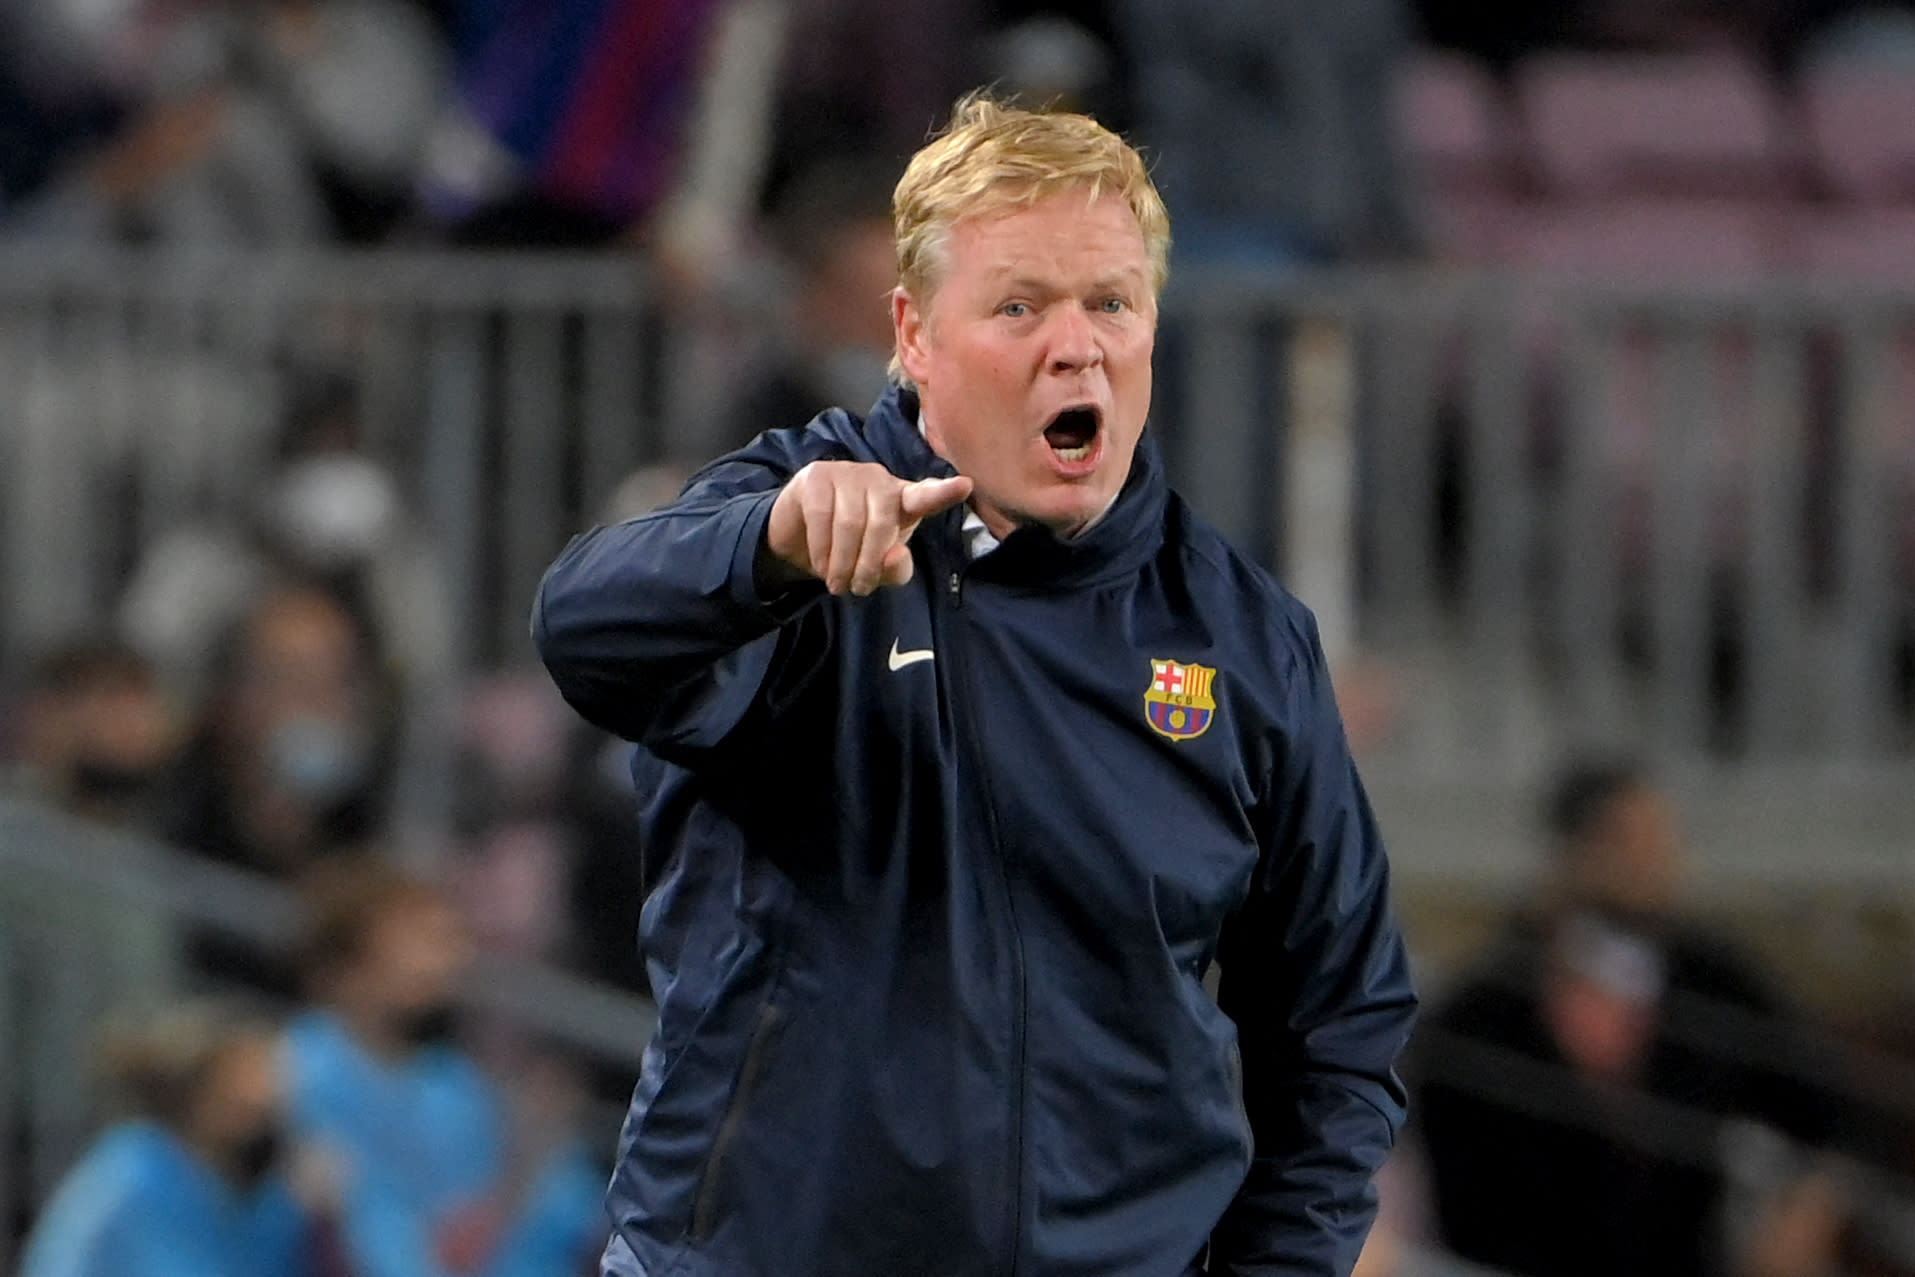 بعد تقارير عن قرب إقالته.. كومان يدافع عن نفسه ويتحدث عن وضع برشلونة